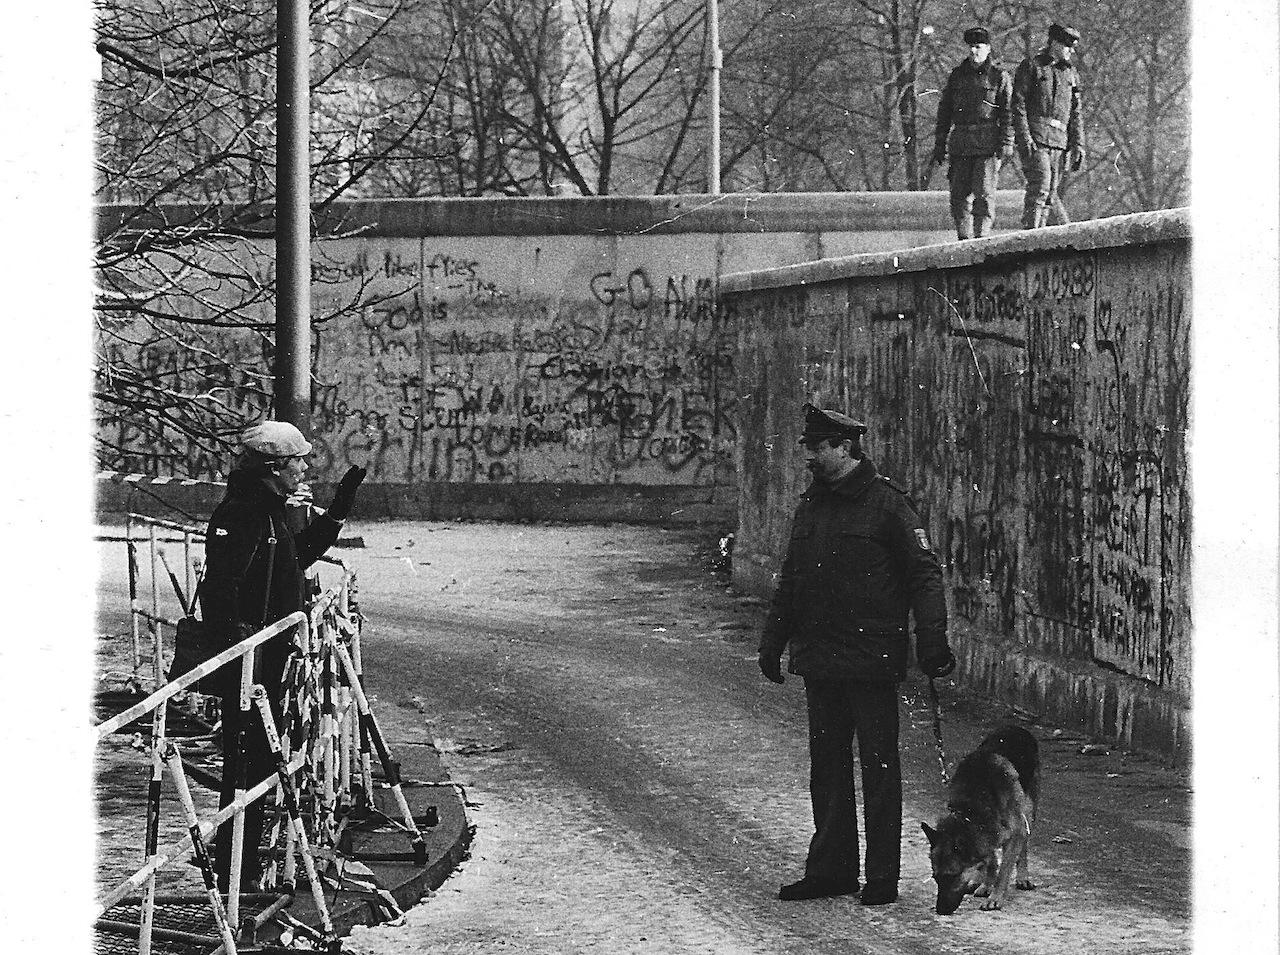 Berlin, décembre 1989. Depuis le 9 novembre, on franchit le mur par les passages autorisés, il est gardé pour quelques jours encore... (Photo d'archives Daniel Bordur)